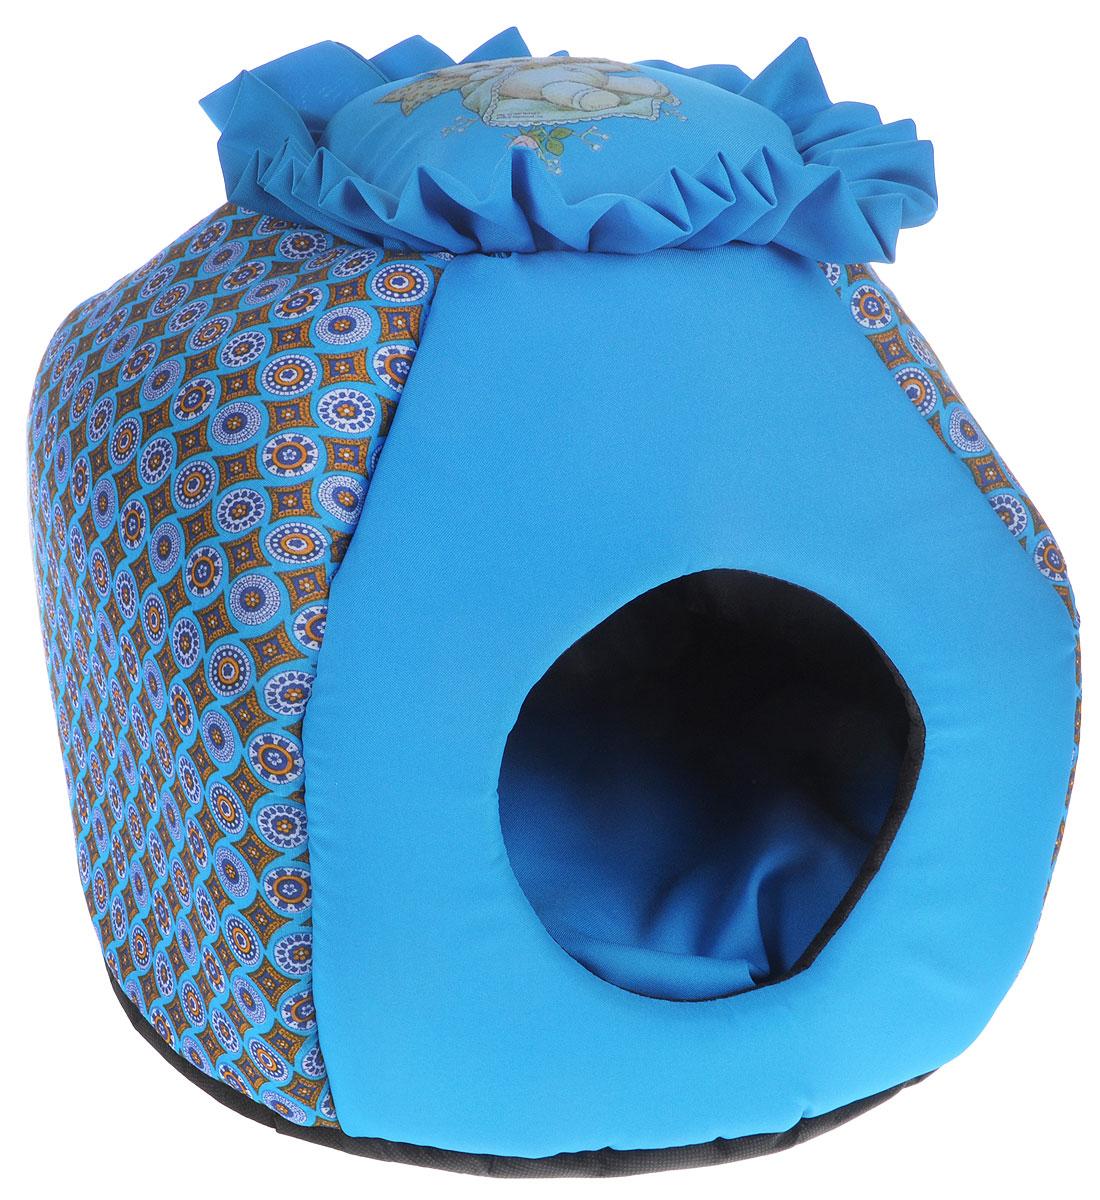 Домик-трансформер для животных GLG Гнездышко, цвет: голубой, 36 х 36 x 46 см